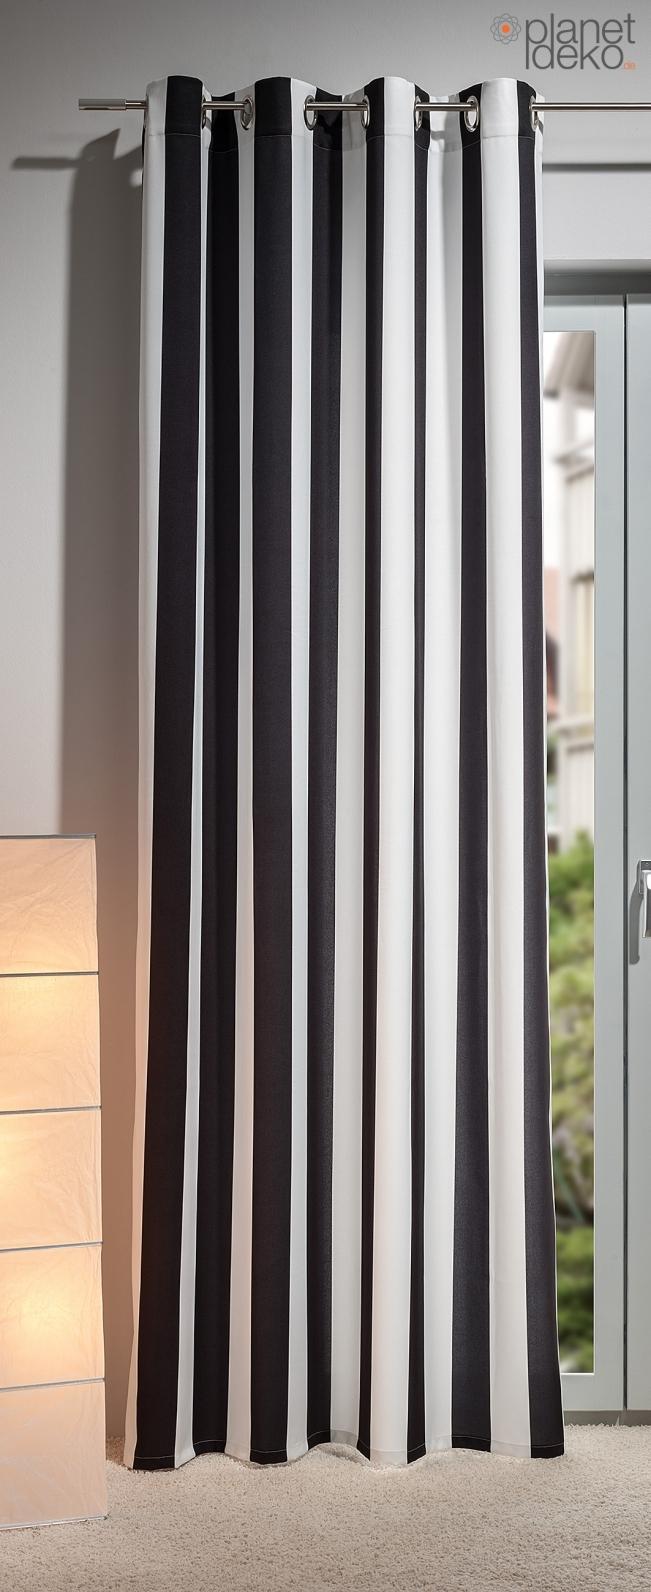 senschal melvin. Black Bedroom Furniture Sets. Home Design Ideas